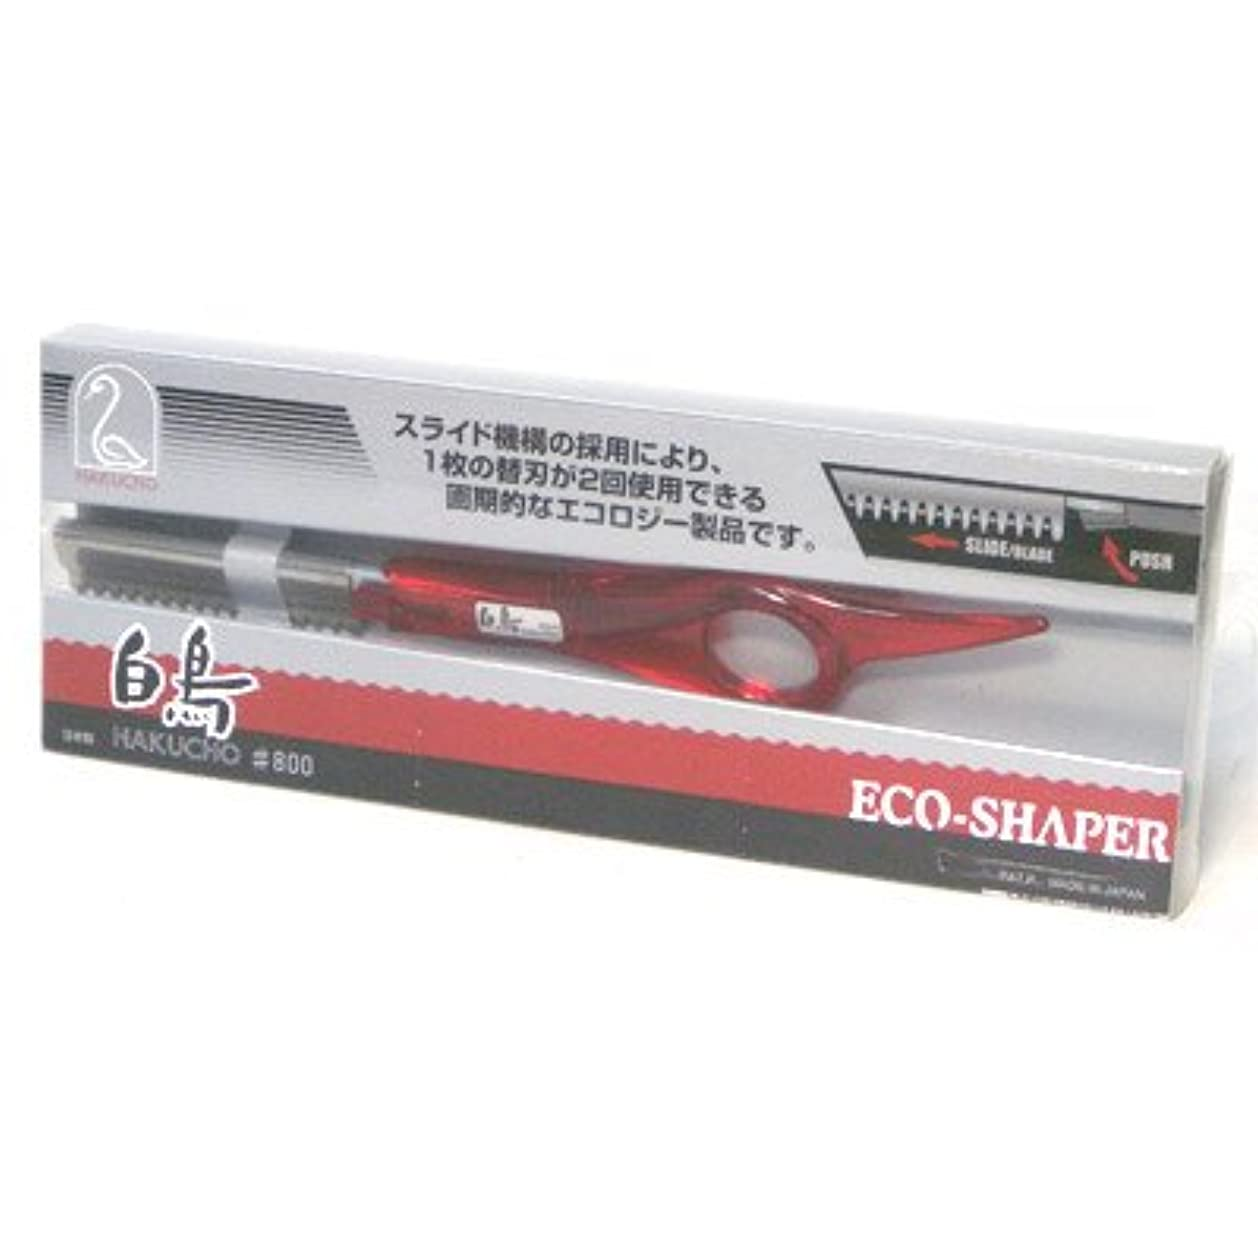 とティームタンク梨白鳥 カットレザー #800 ECO-SHAPER